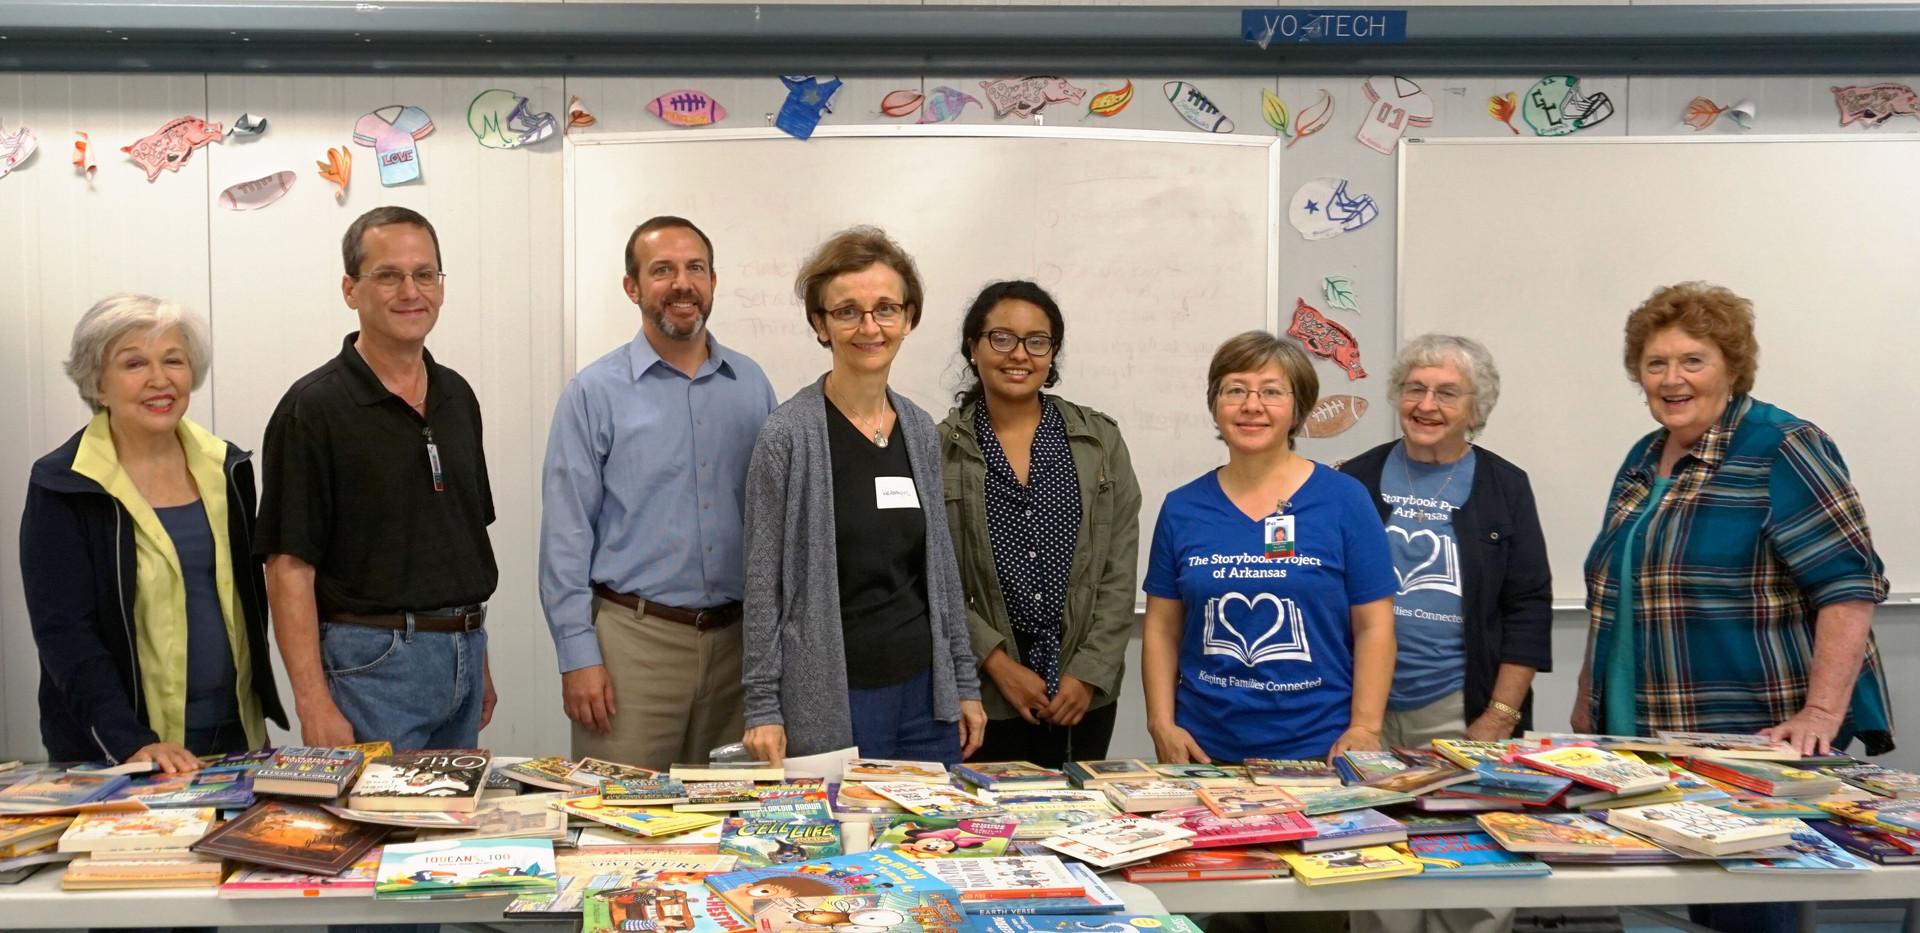 volunteer group pic Hawkins women Oct 20